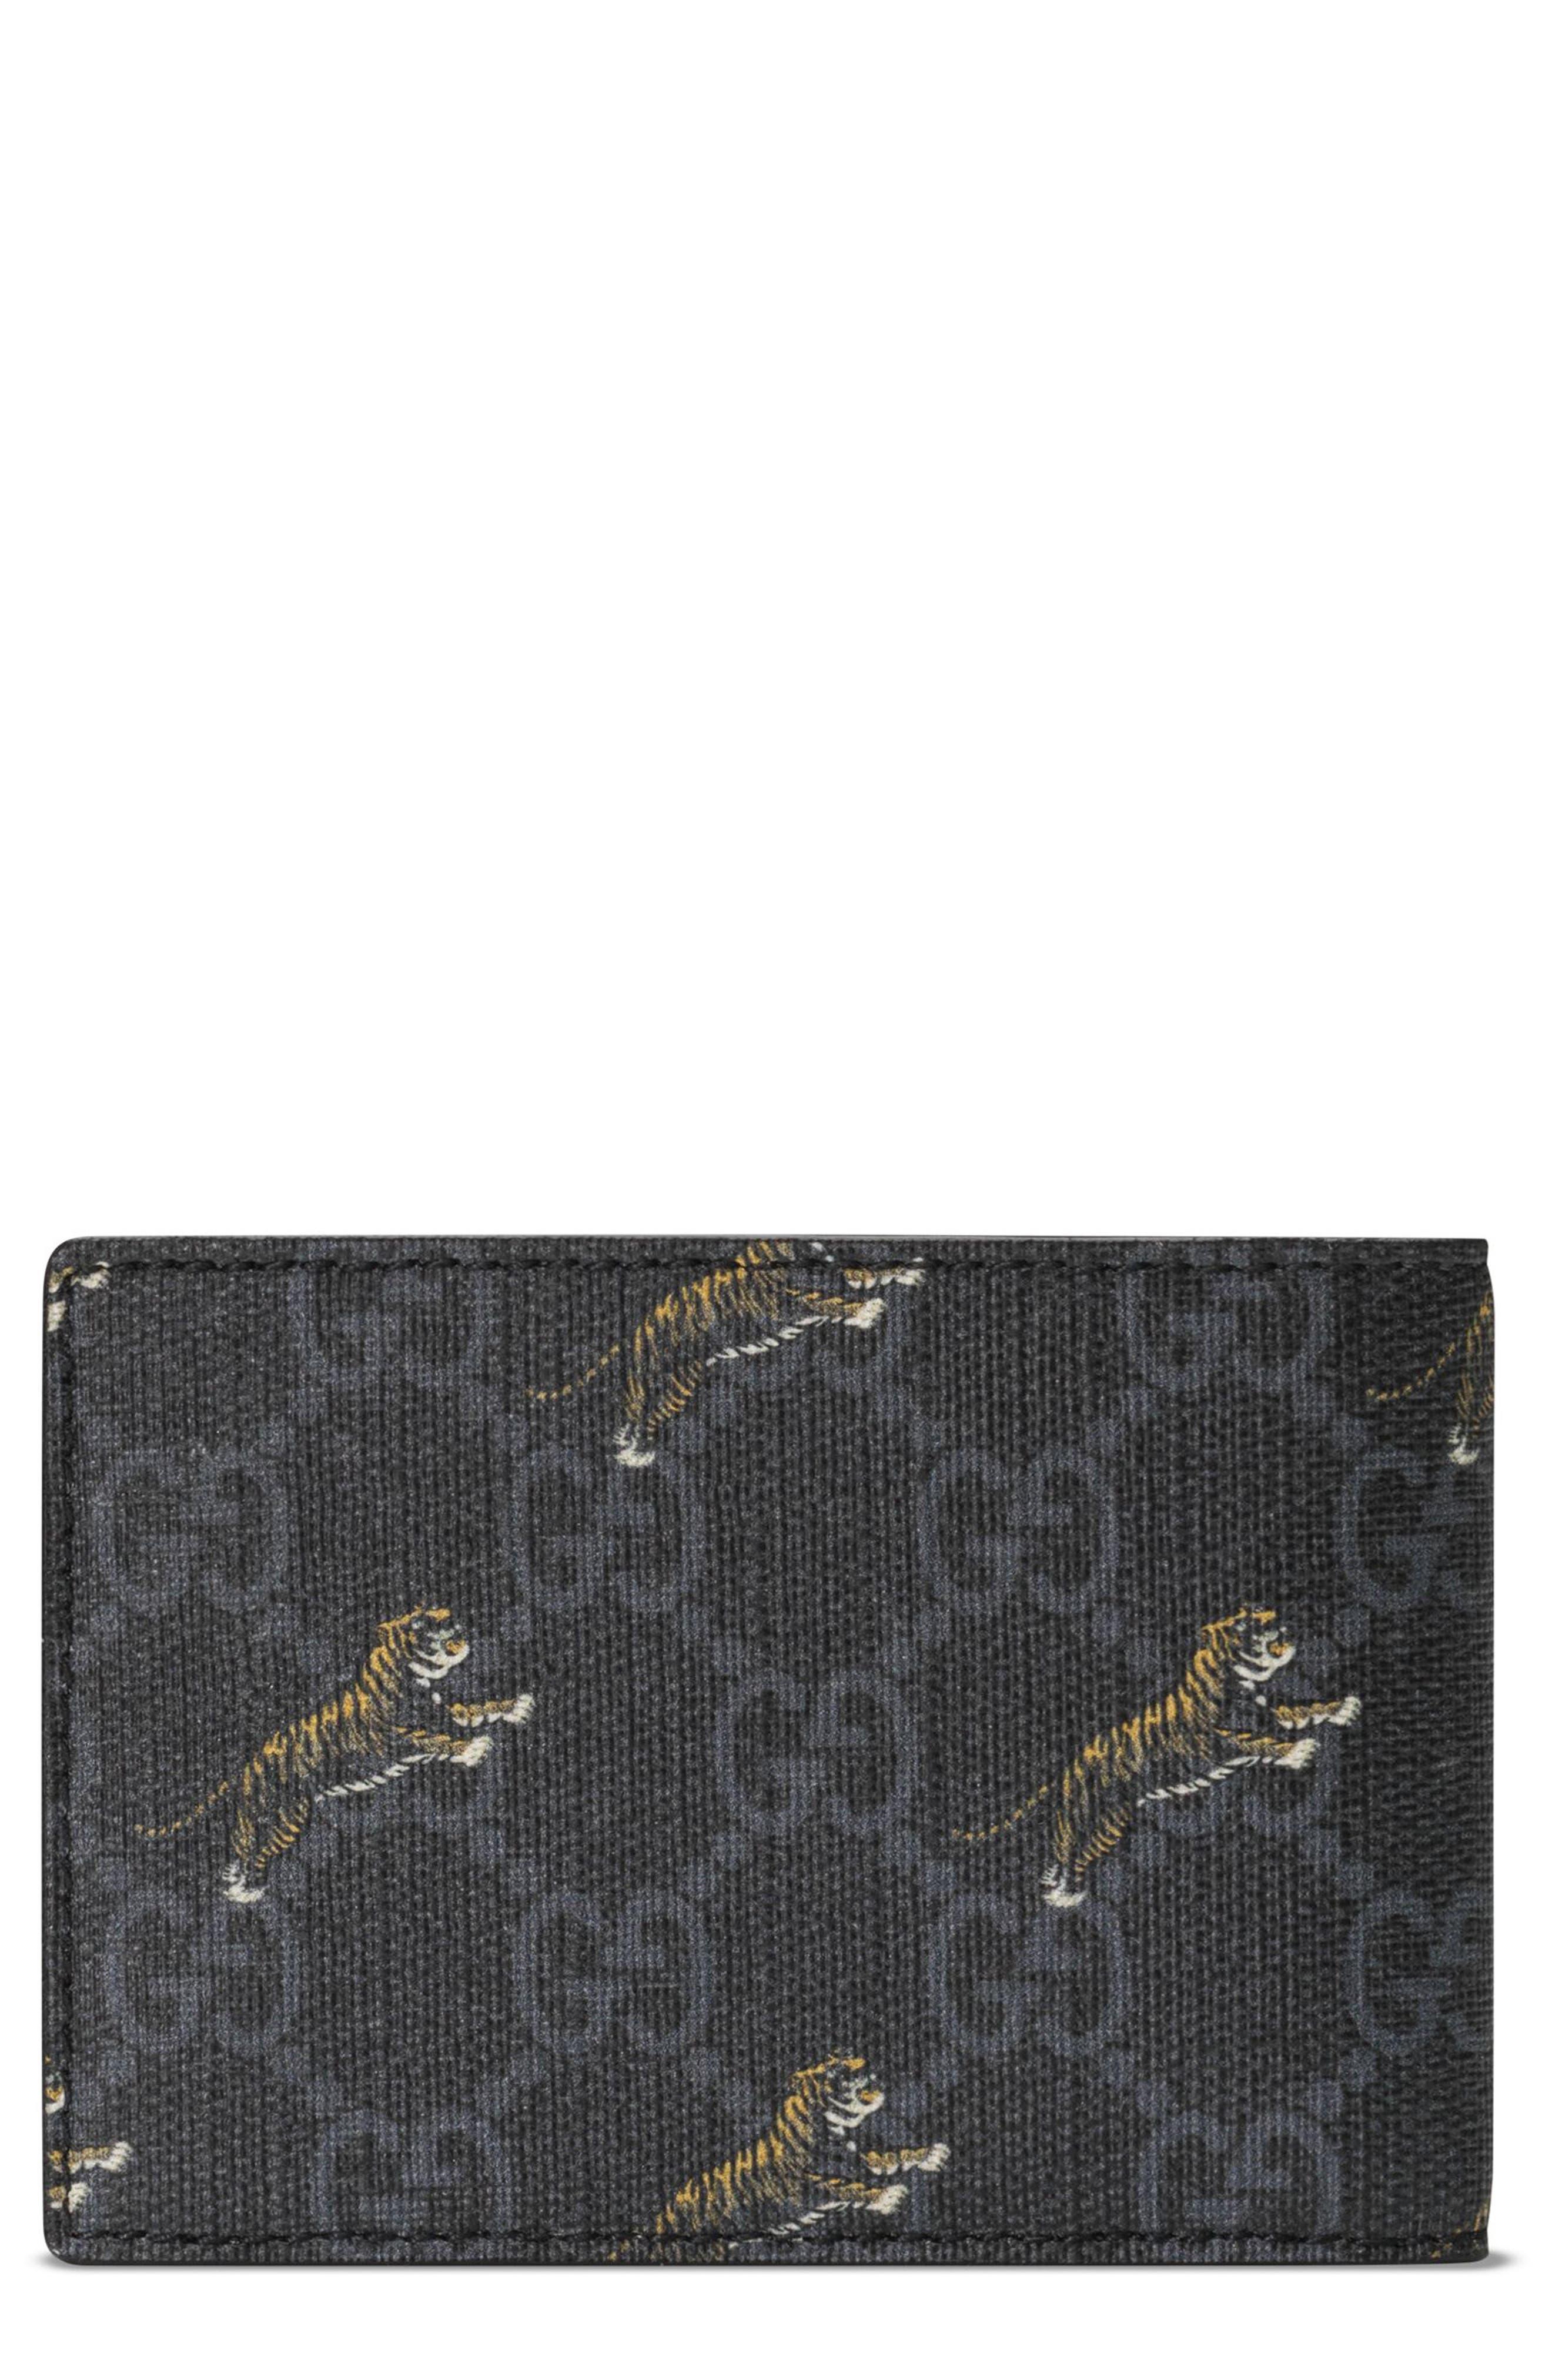 294a6b19d5 Men's Gucci Wallets | Nordstrom